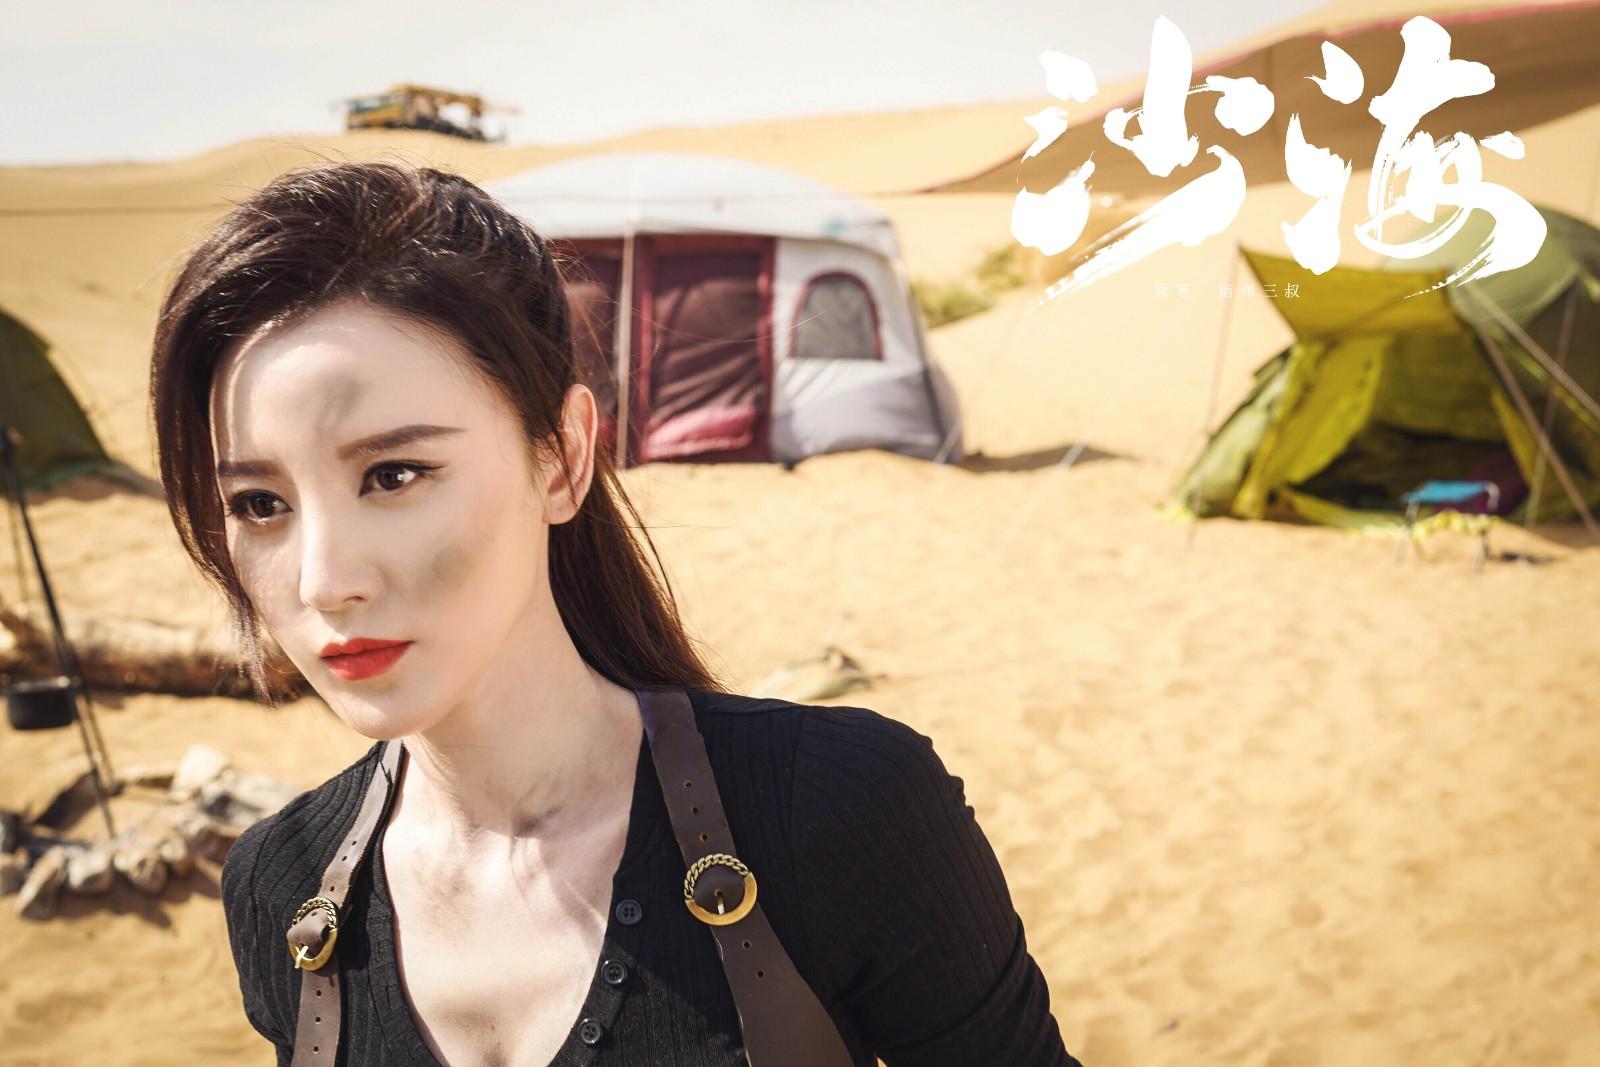 杨蓉沙海爆乳_近日,由吴磊,秦昊,张萌,杨蓉主演的《沙海》正在热播中,该剧上线一